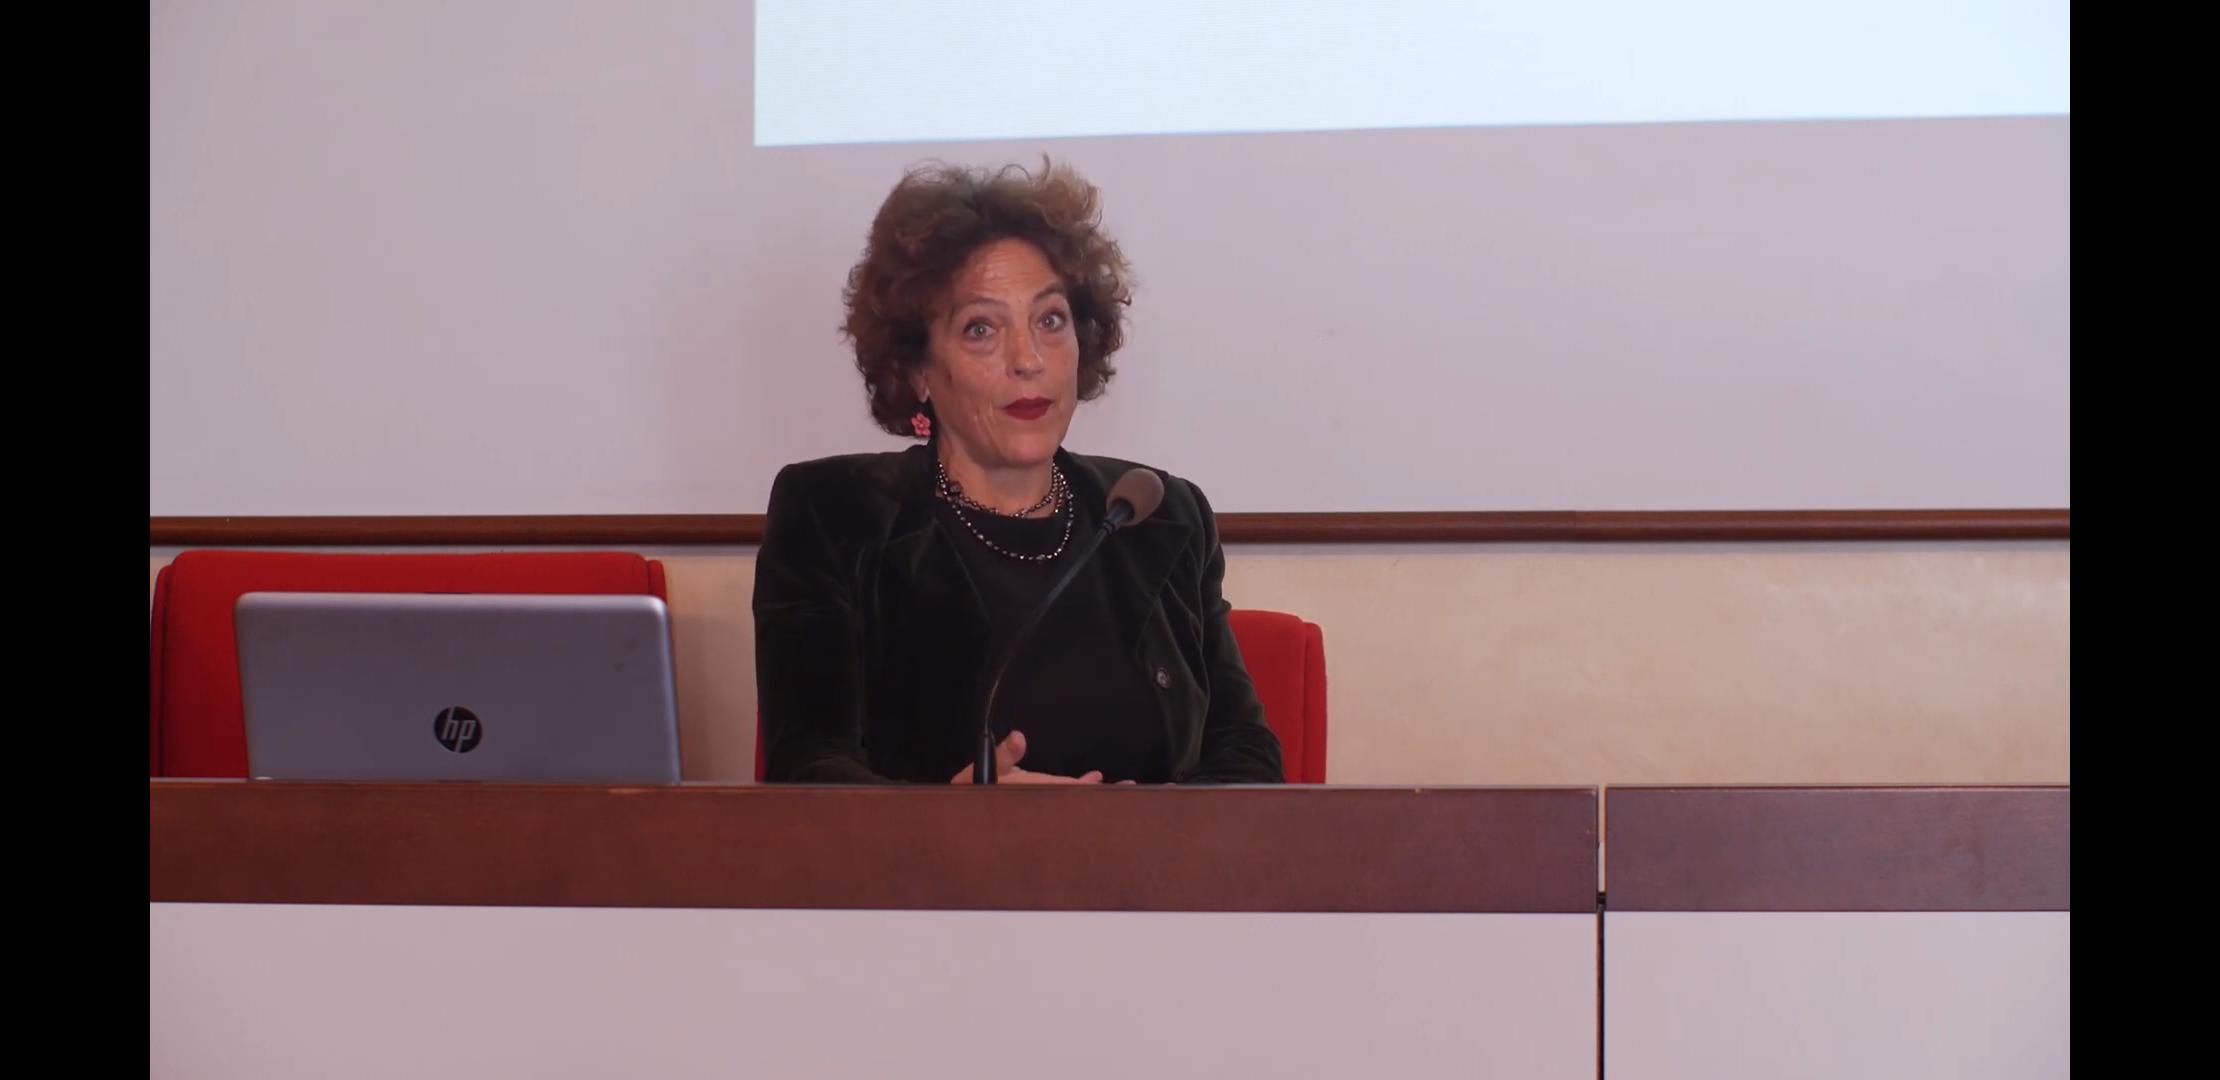 Conferenza Del 28.10. 2019 Su Etica E Digitalizzazione